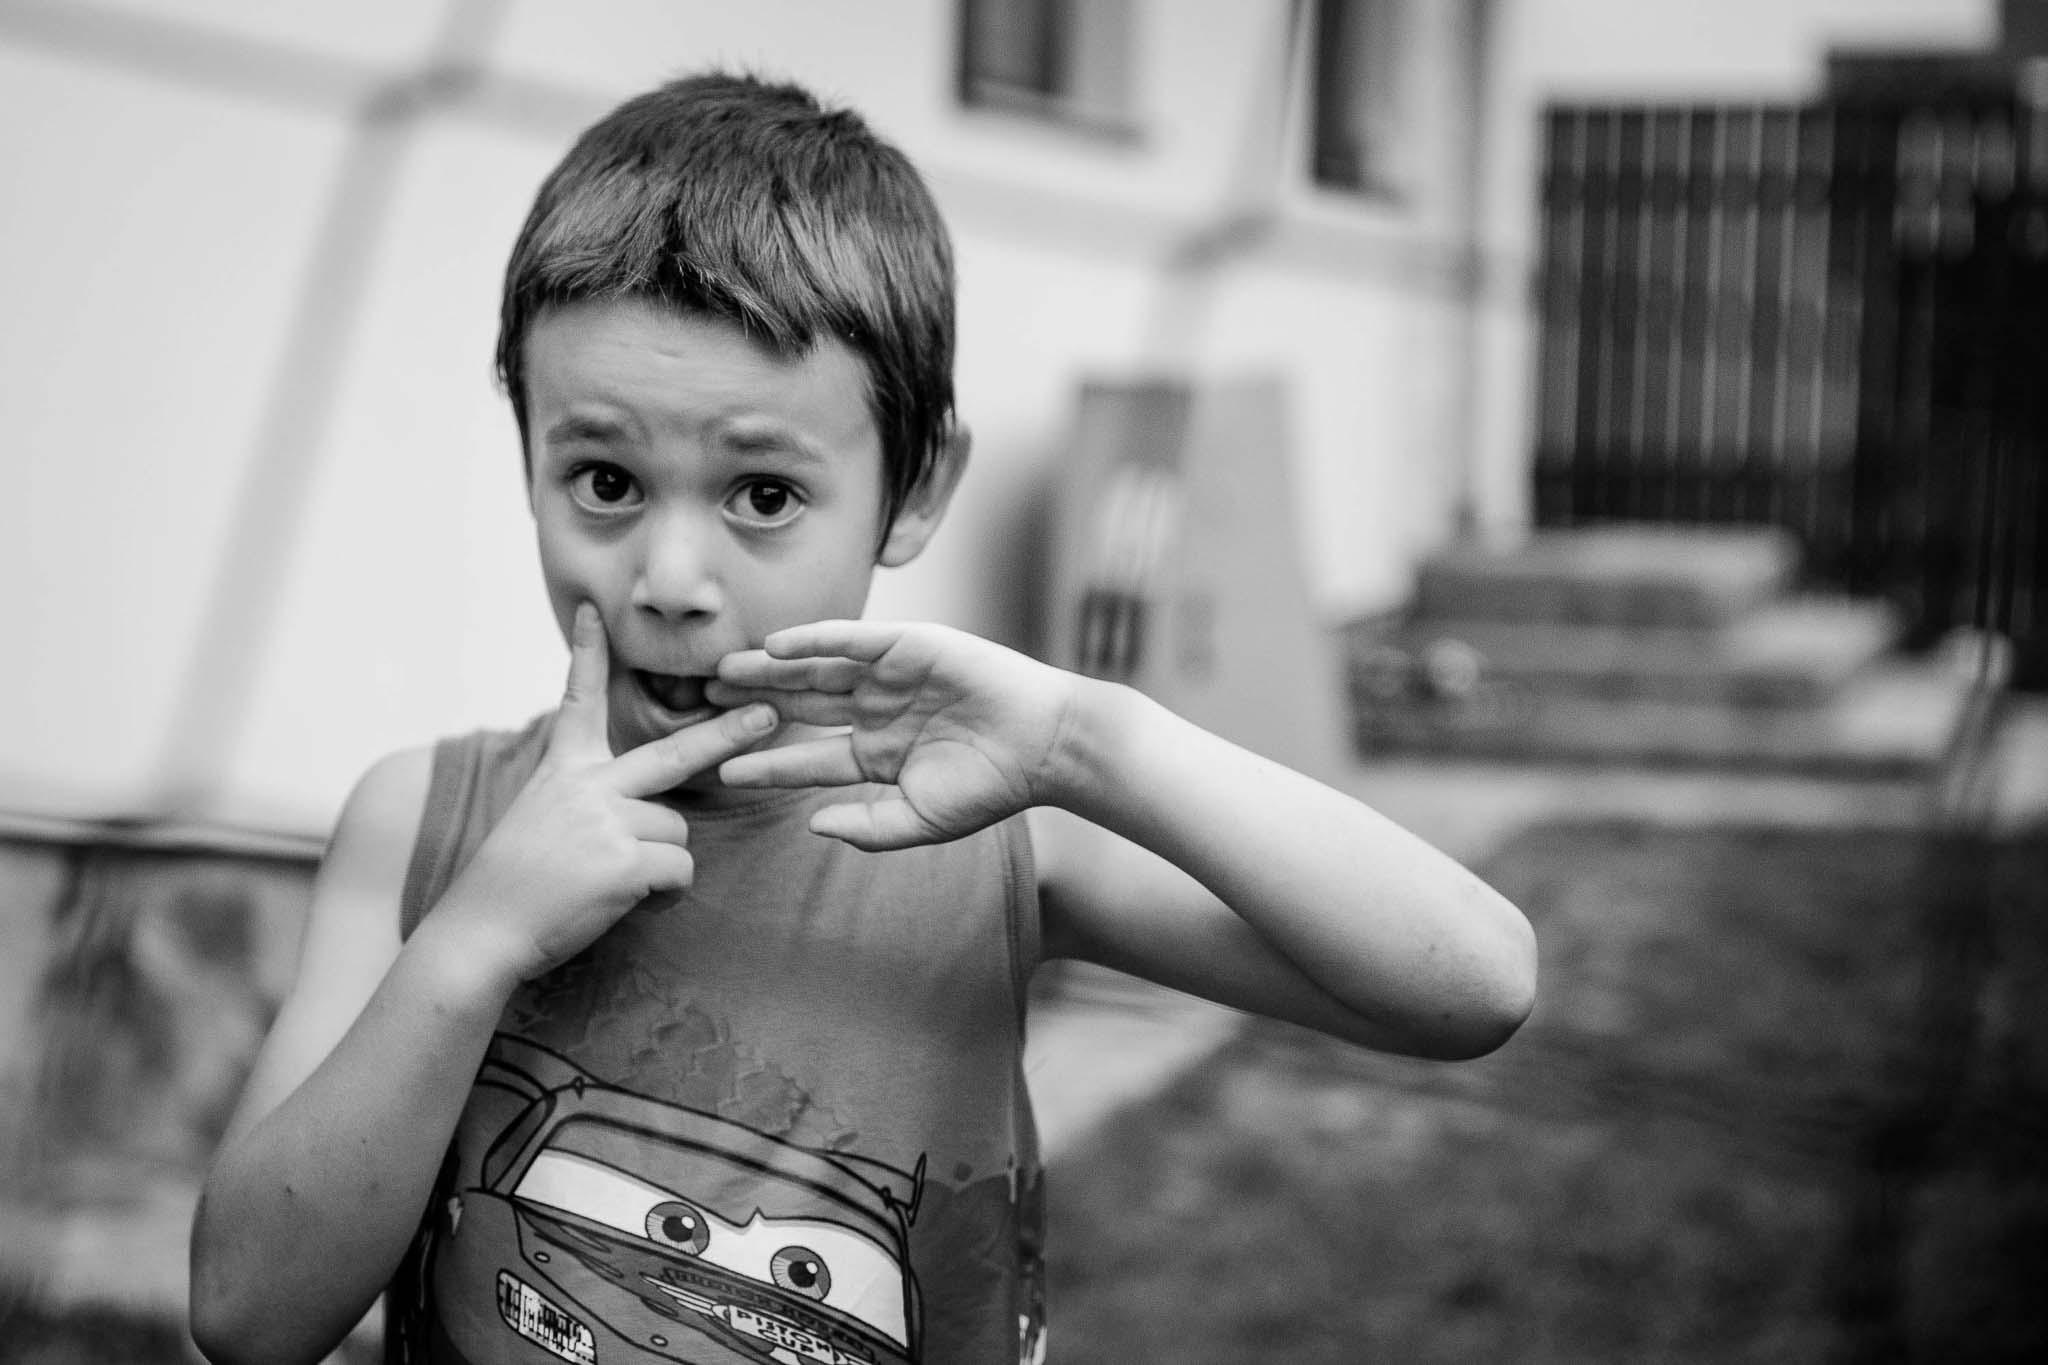 Fotografie de copii fotograf Dana Sacalov